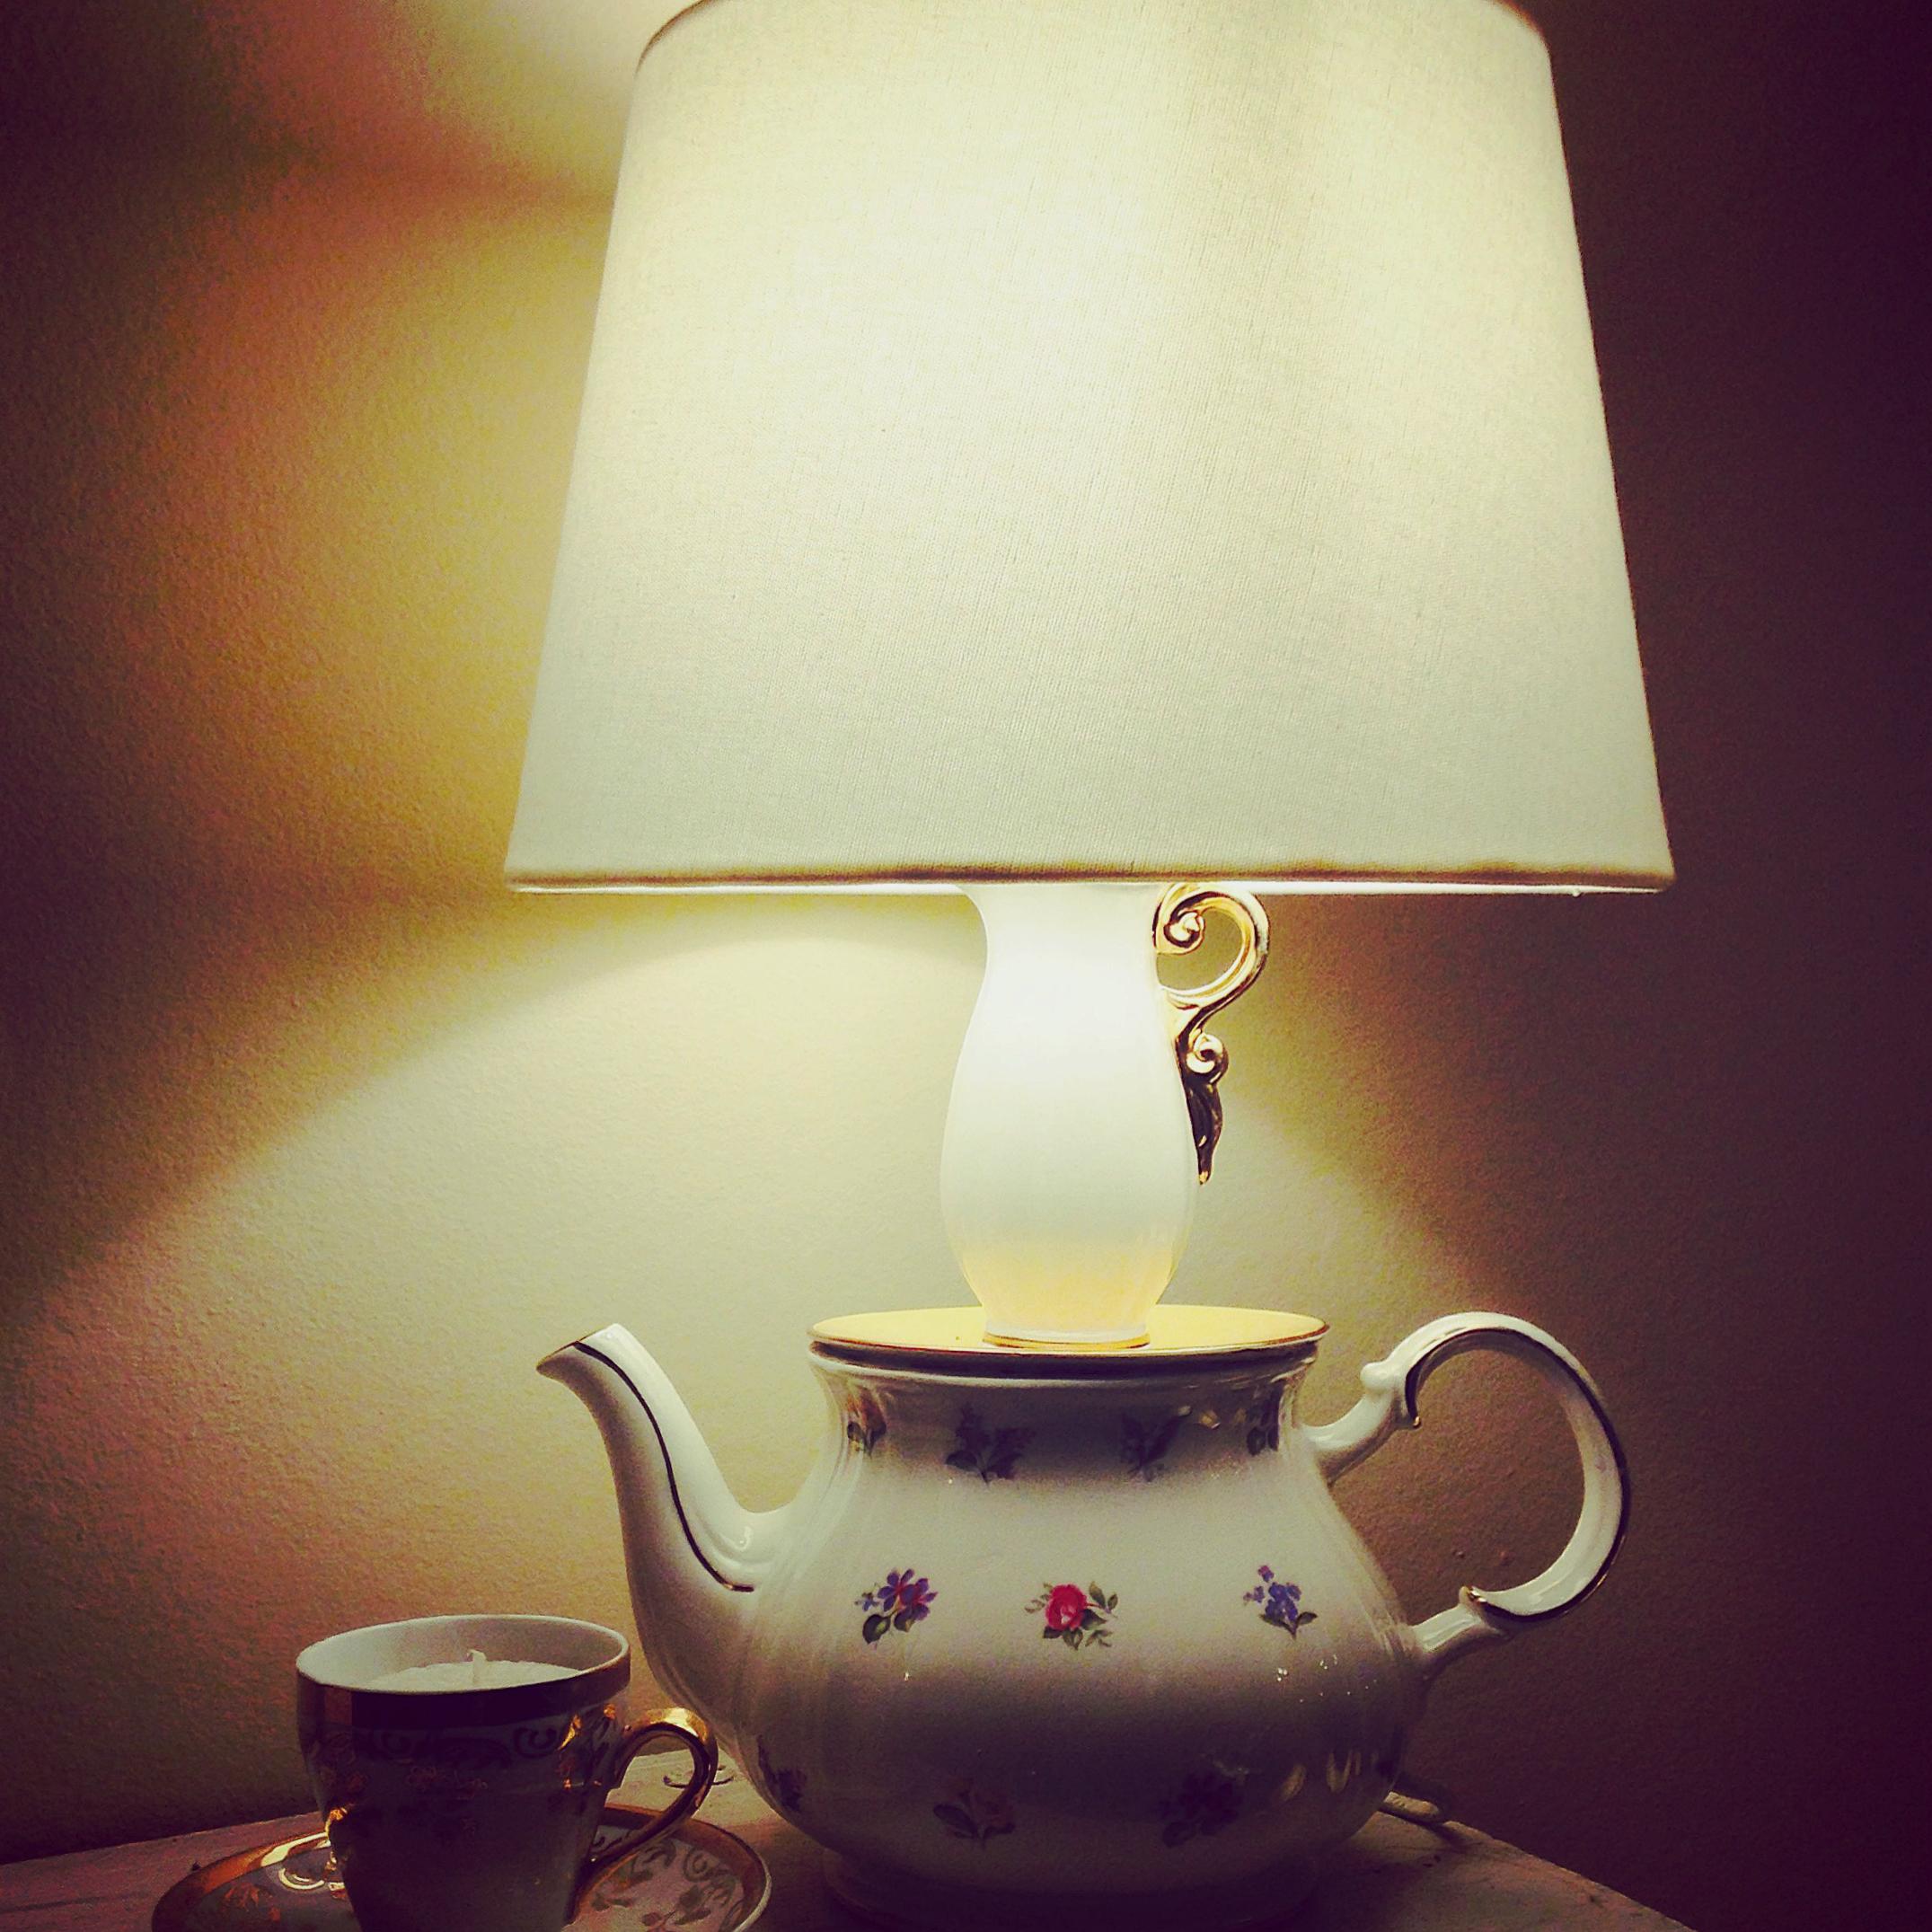 ** SOLD ** lamp flower